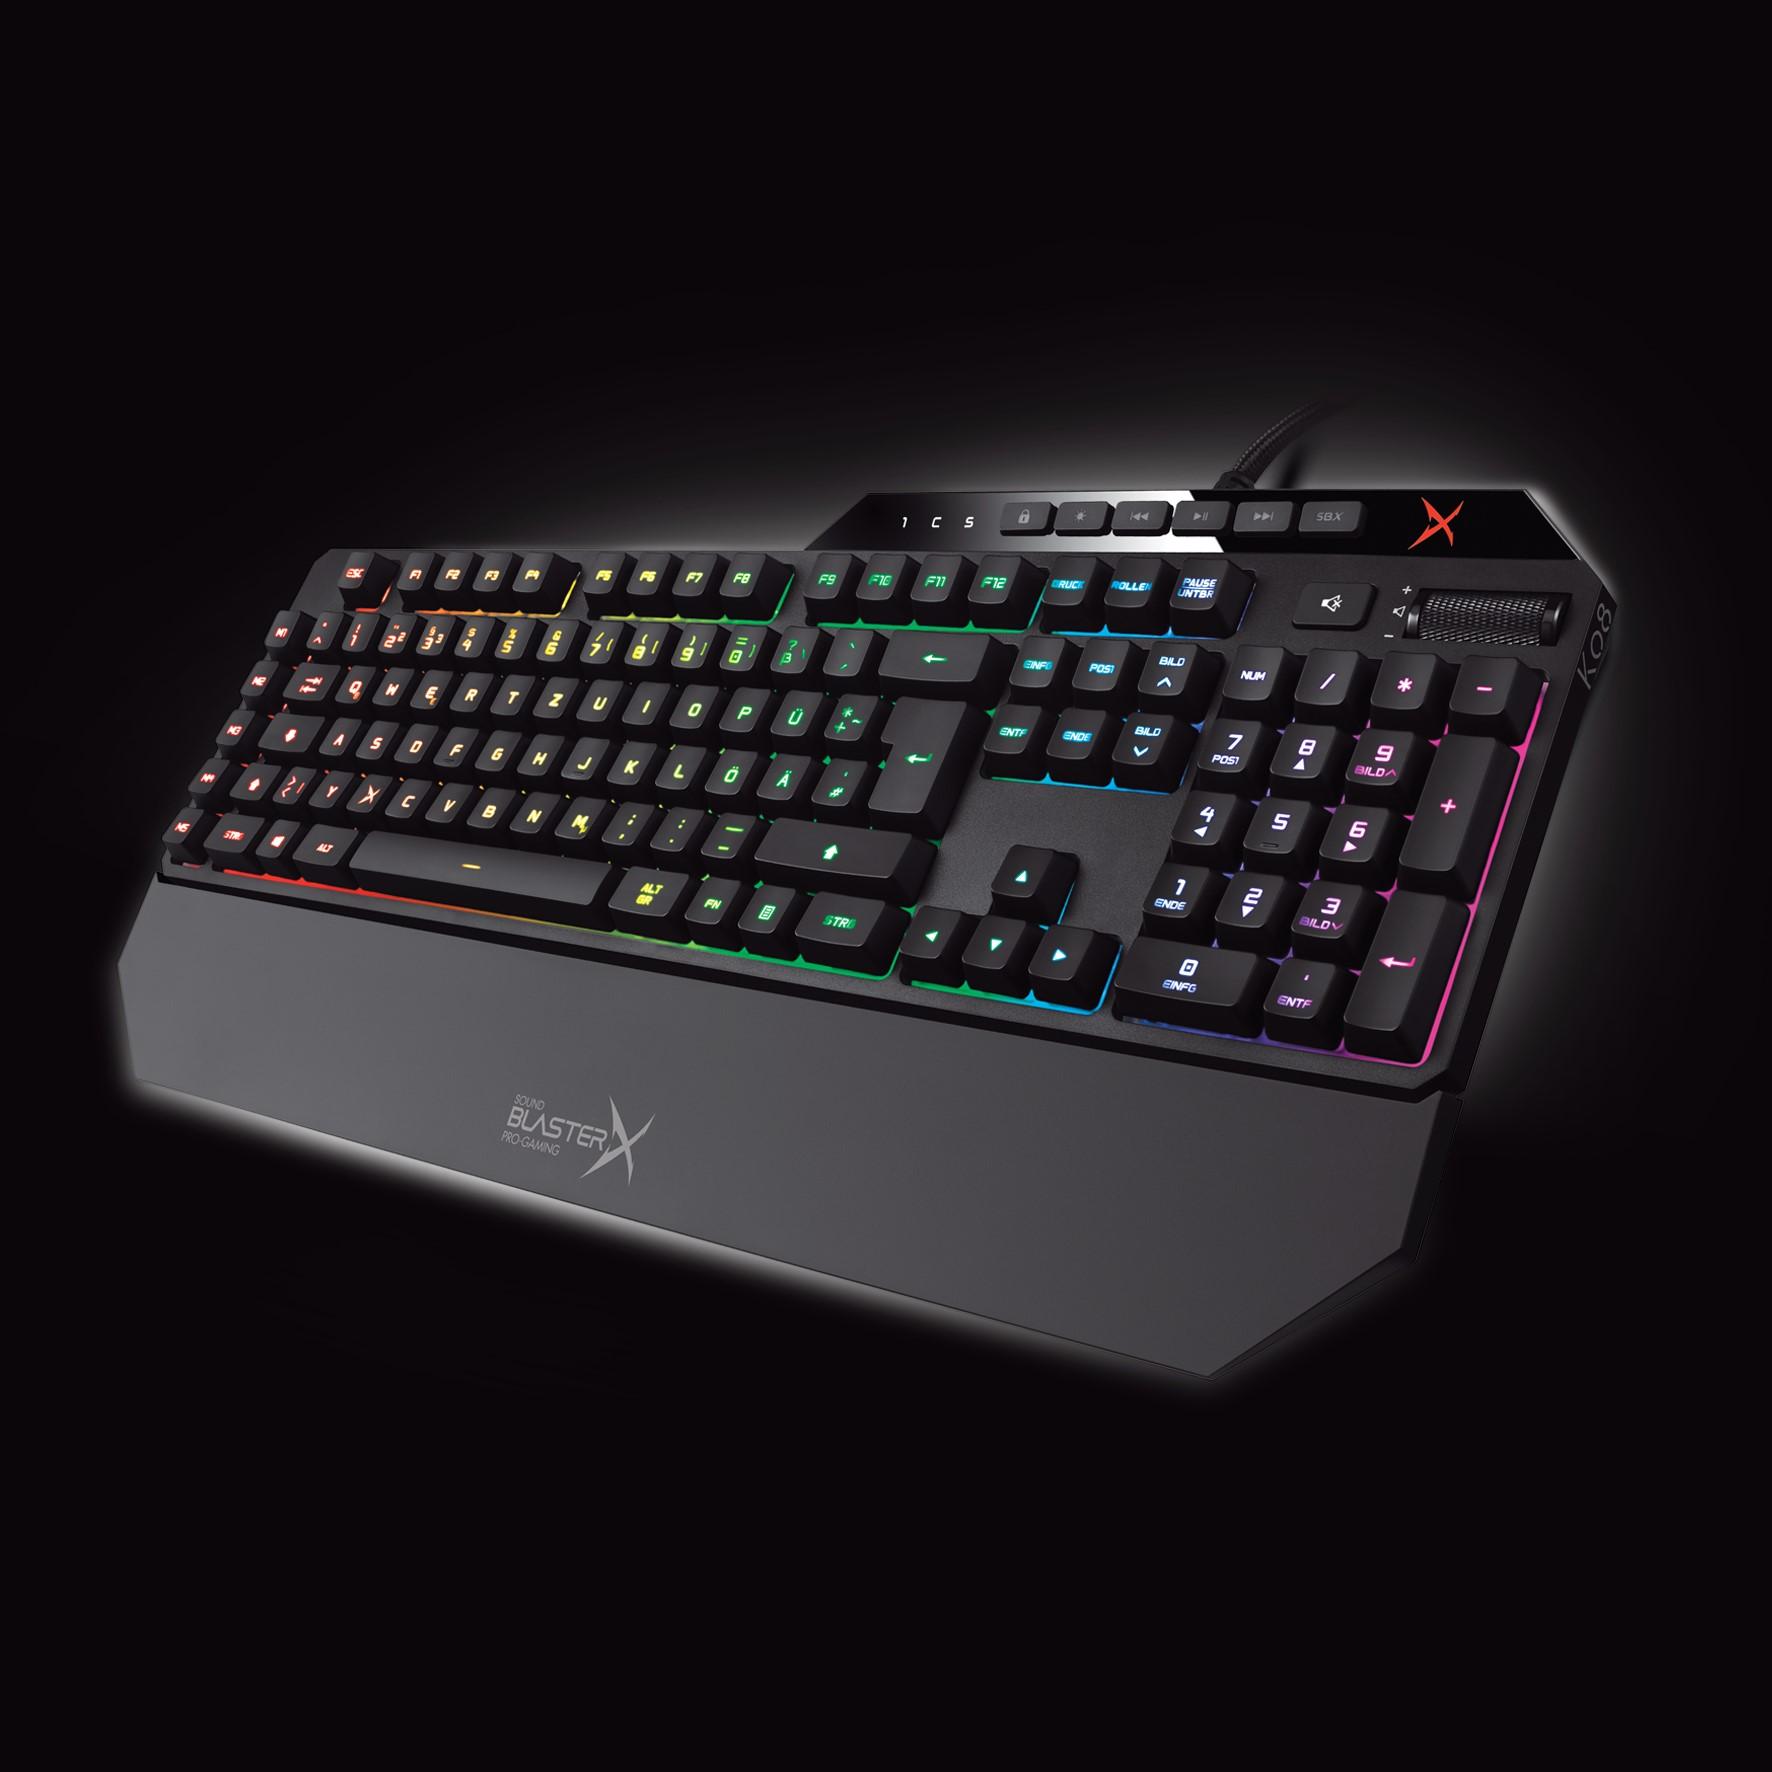 Creatives Gaming-Tastatur ab sofort in deutschem Layout erhältlich